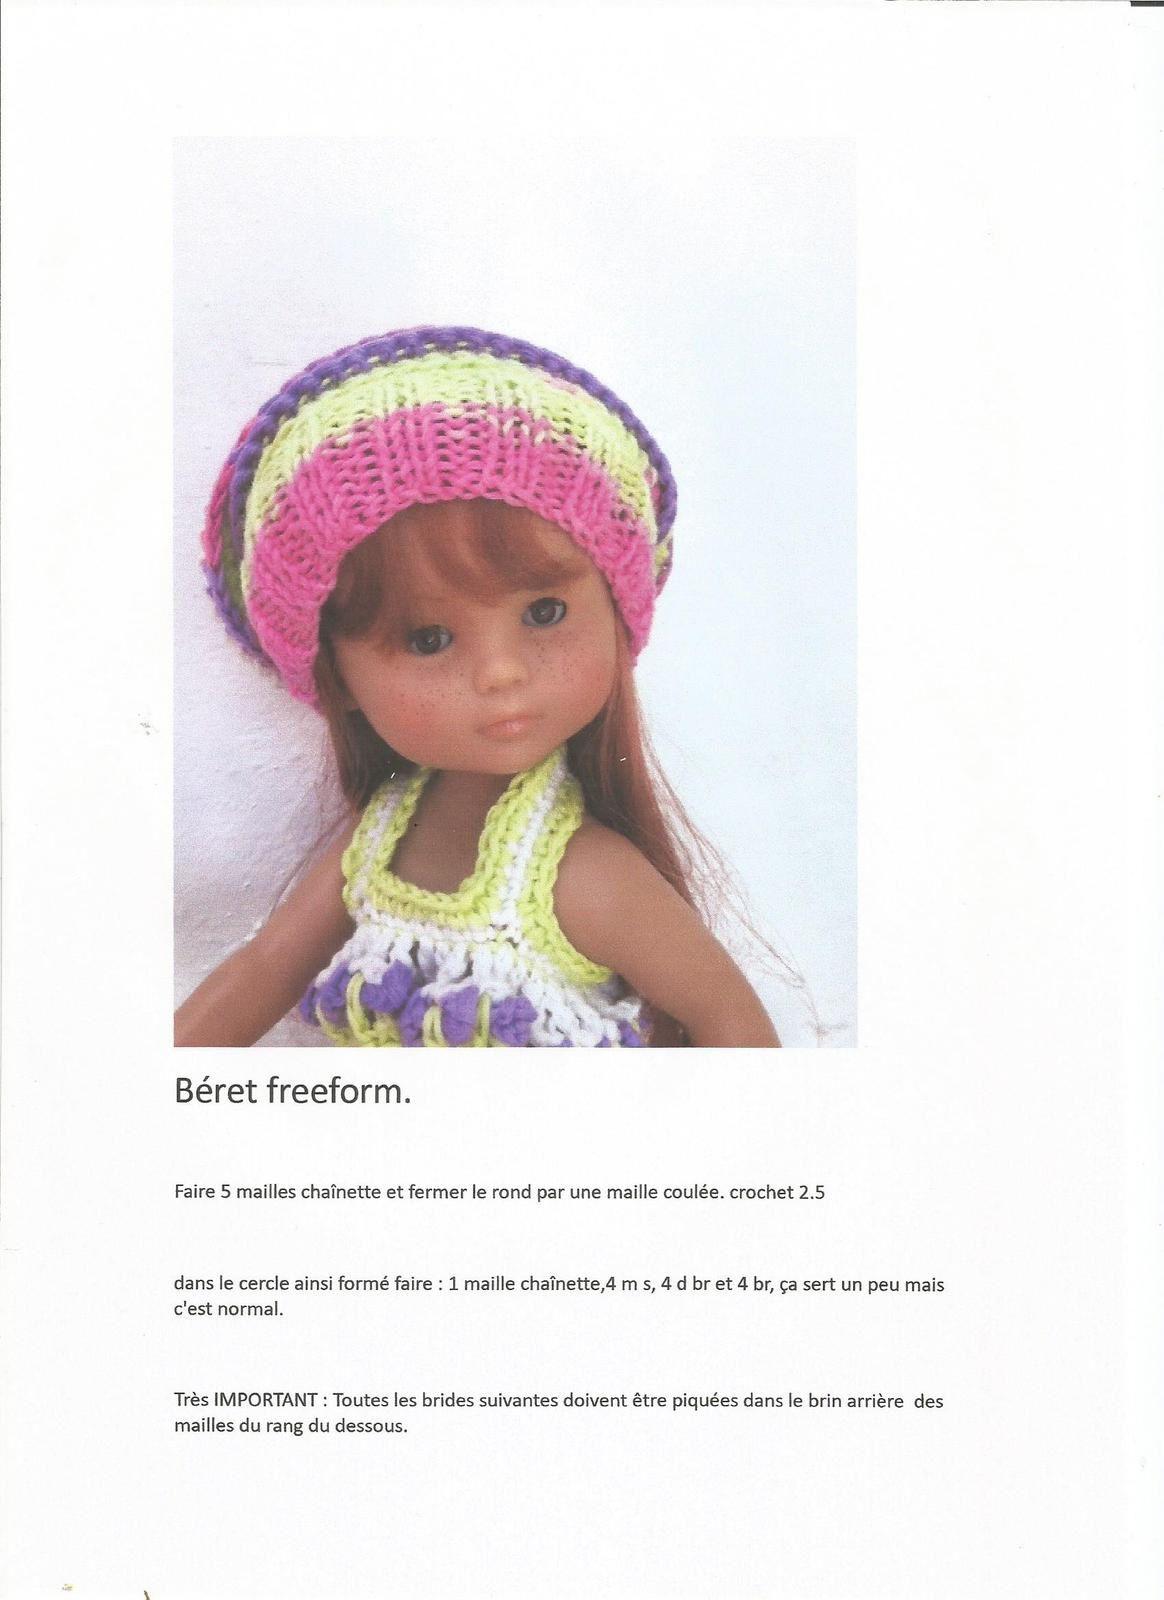 tuto béret freeform pour poupée chéries de corolle